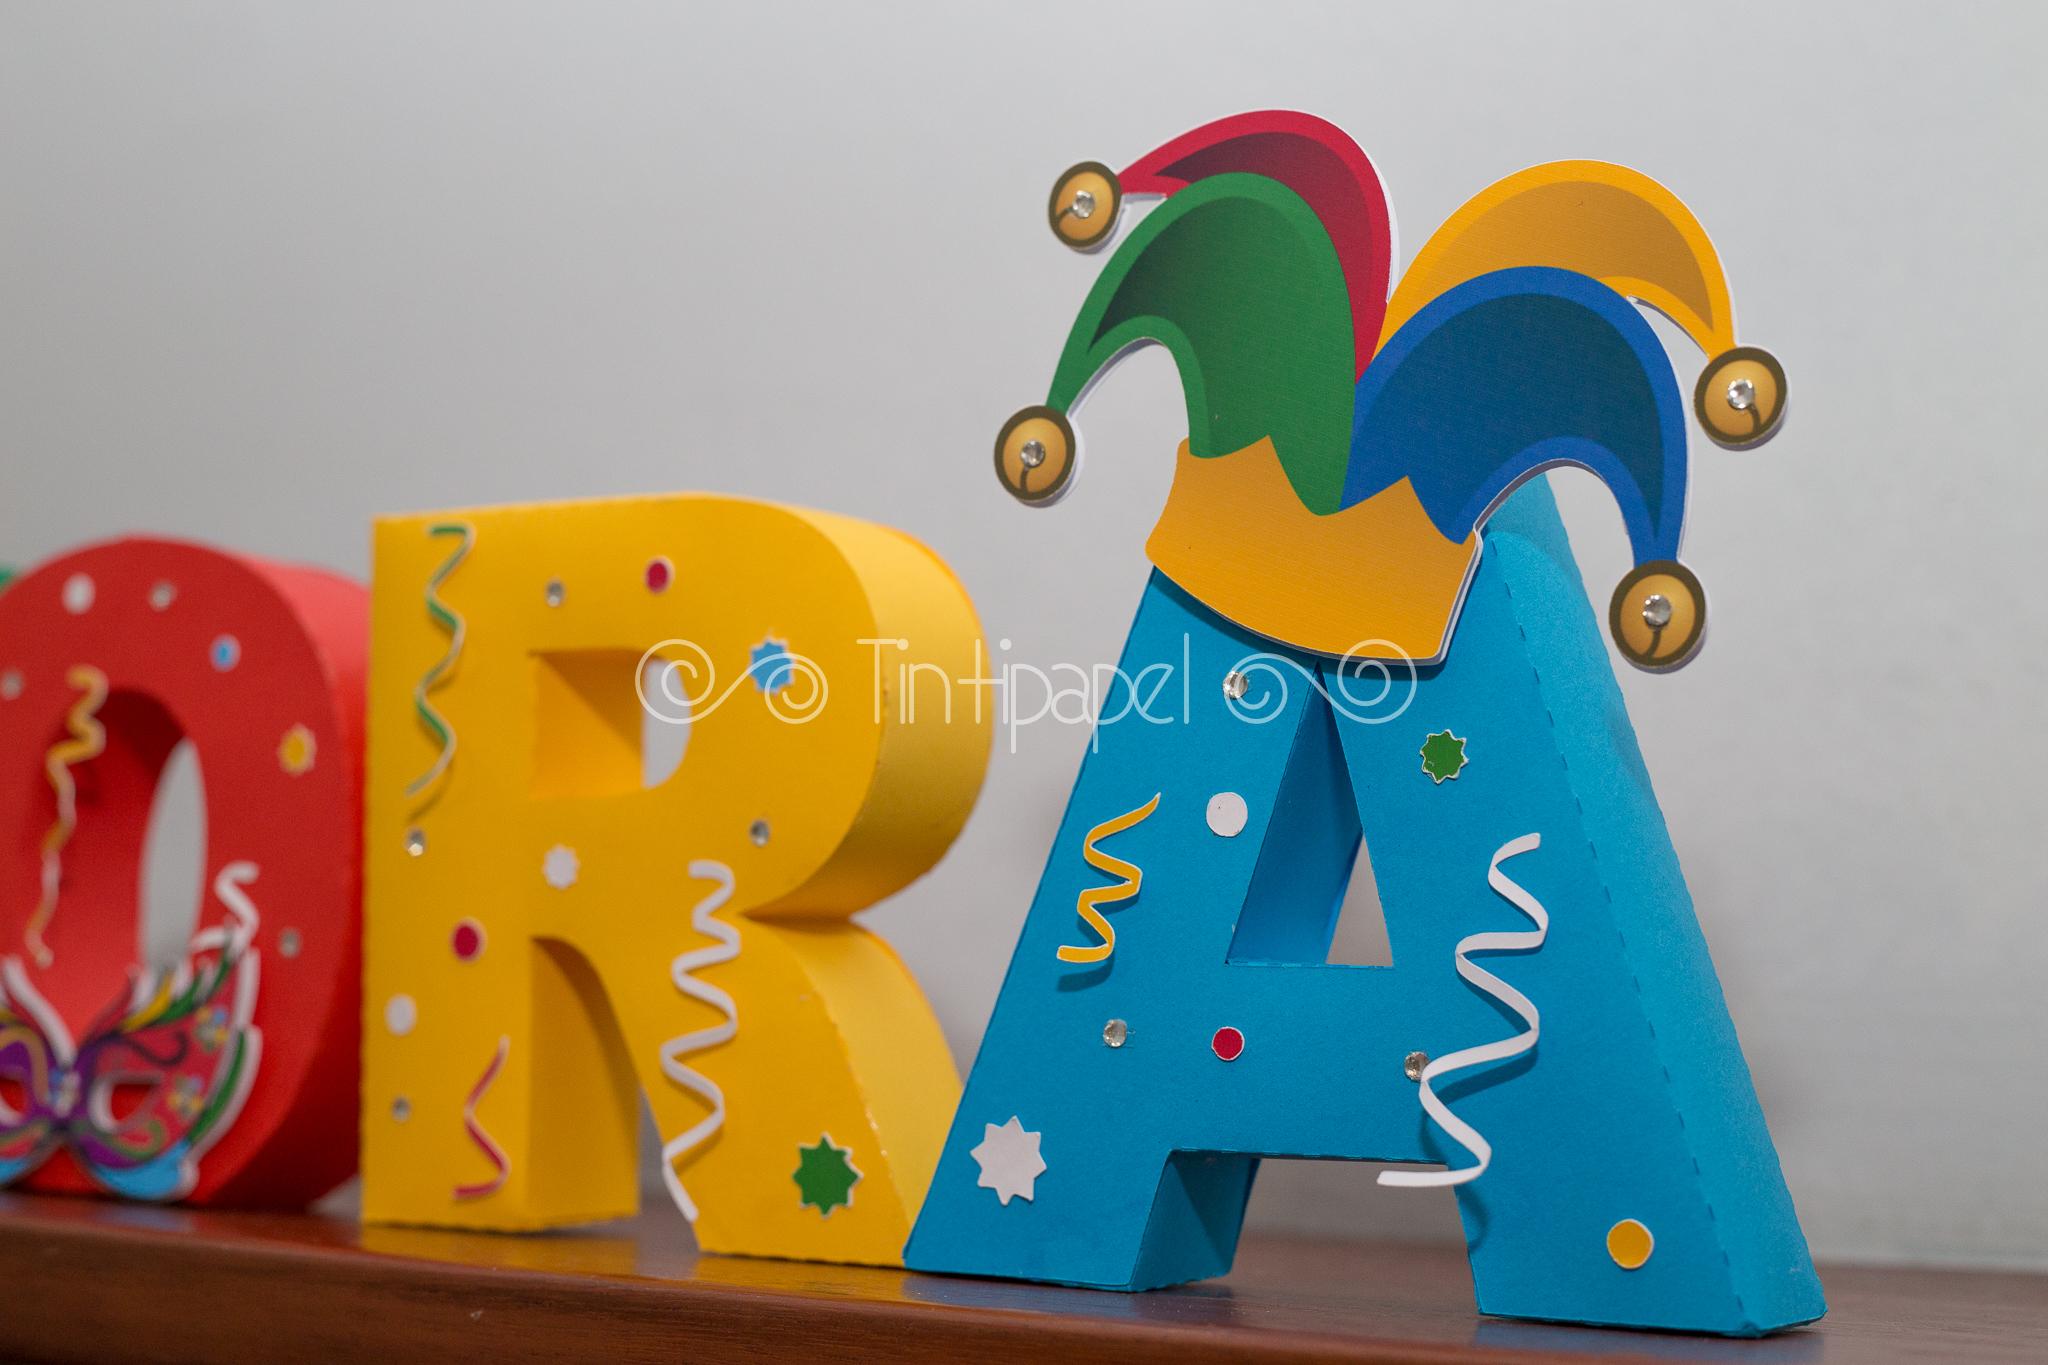 Letras 3d Carnaval Tintipapel Elo7